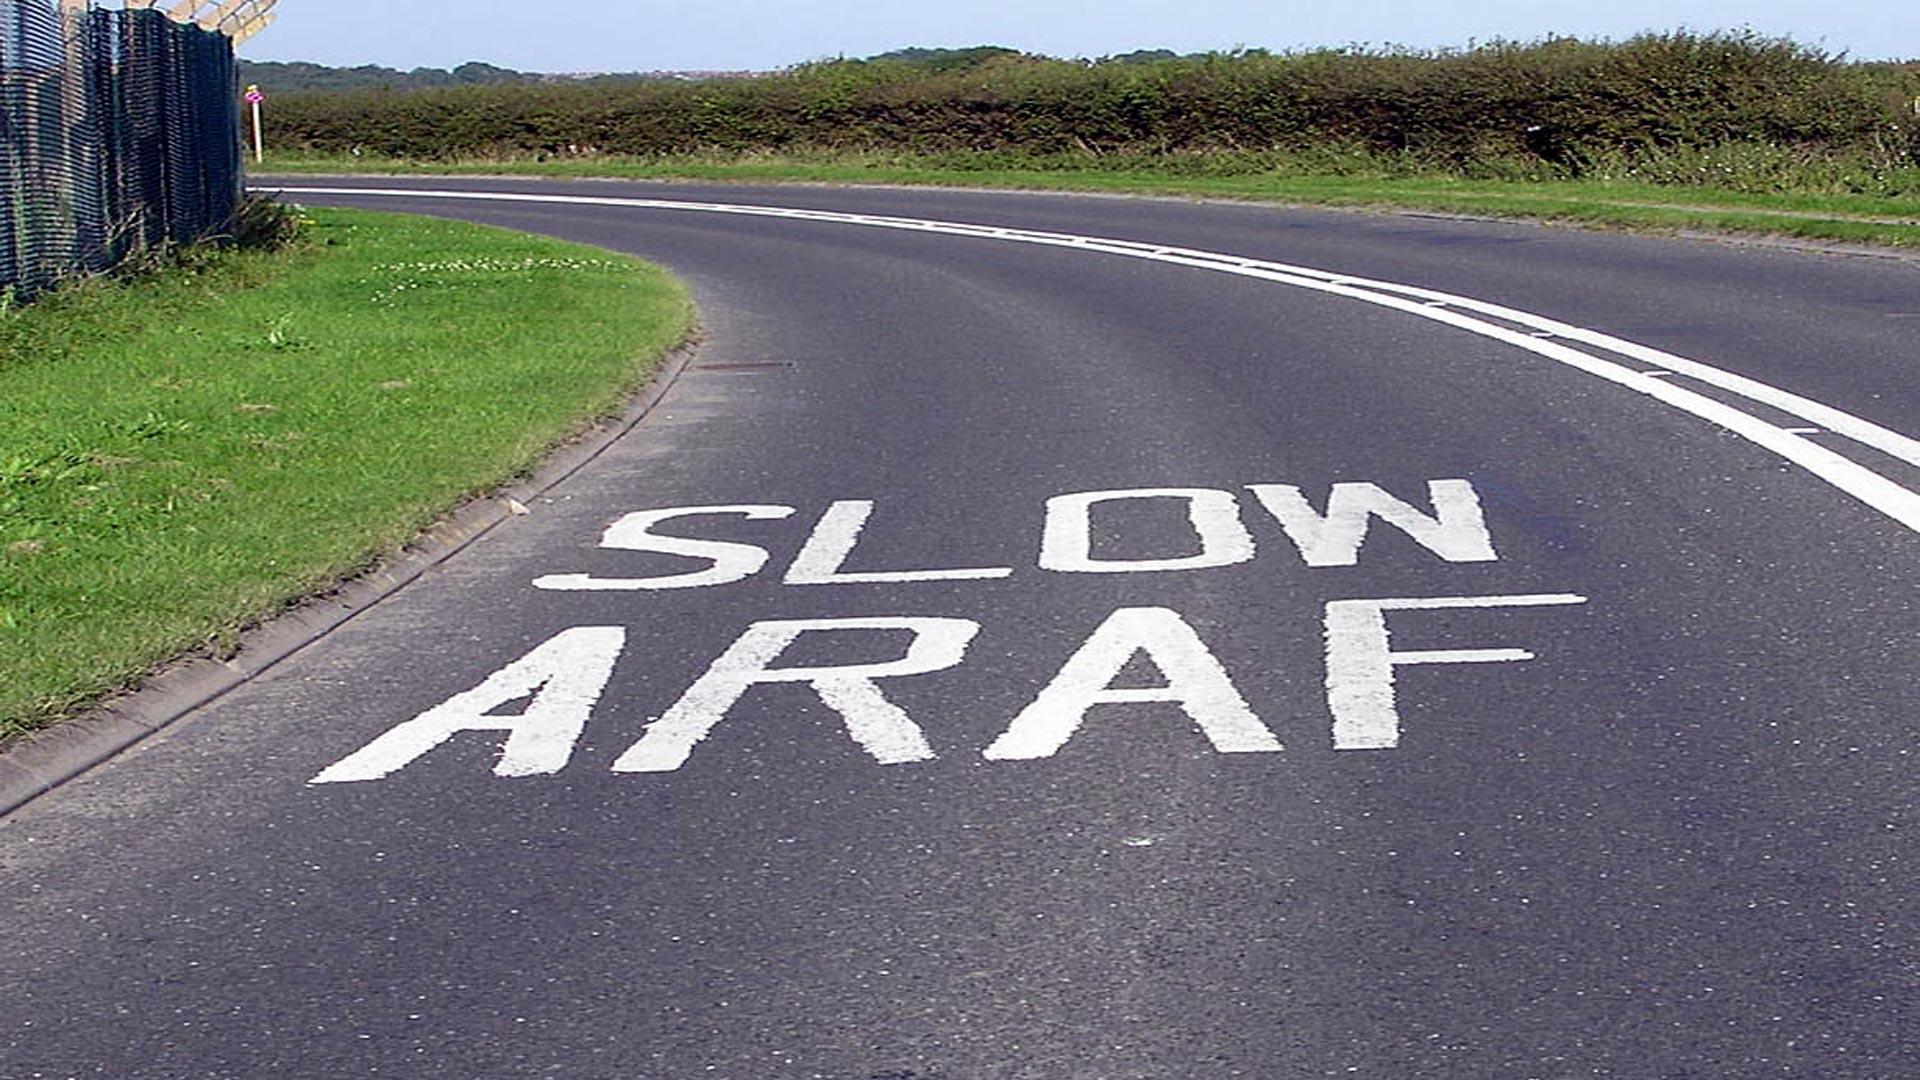 Sabes-por-qué-los-británicos-conducen-por-el-otro-lado-de-la-carretera-1920